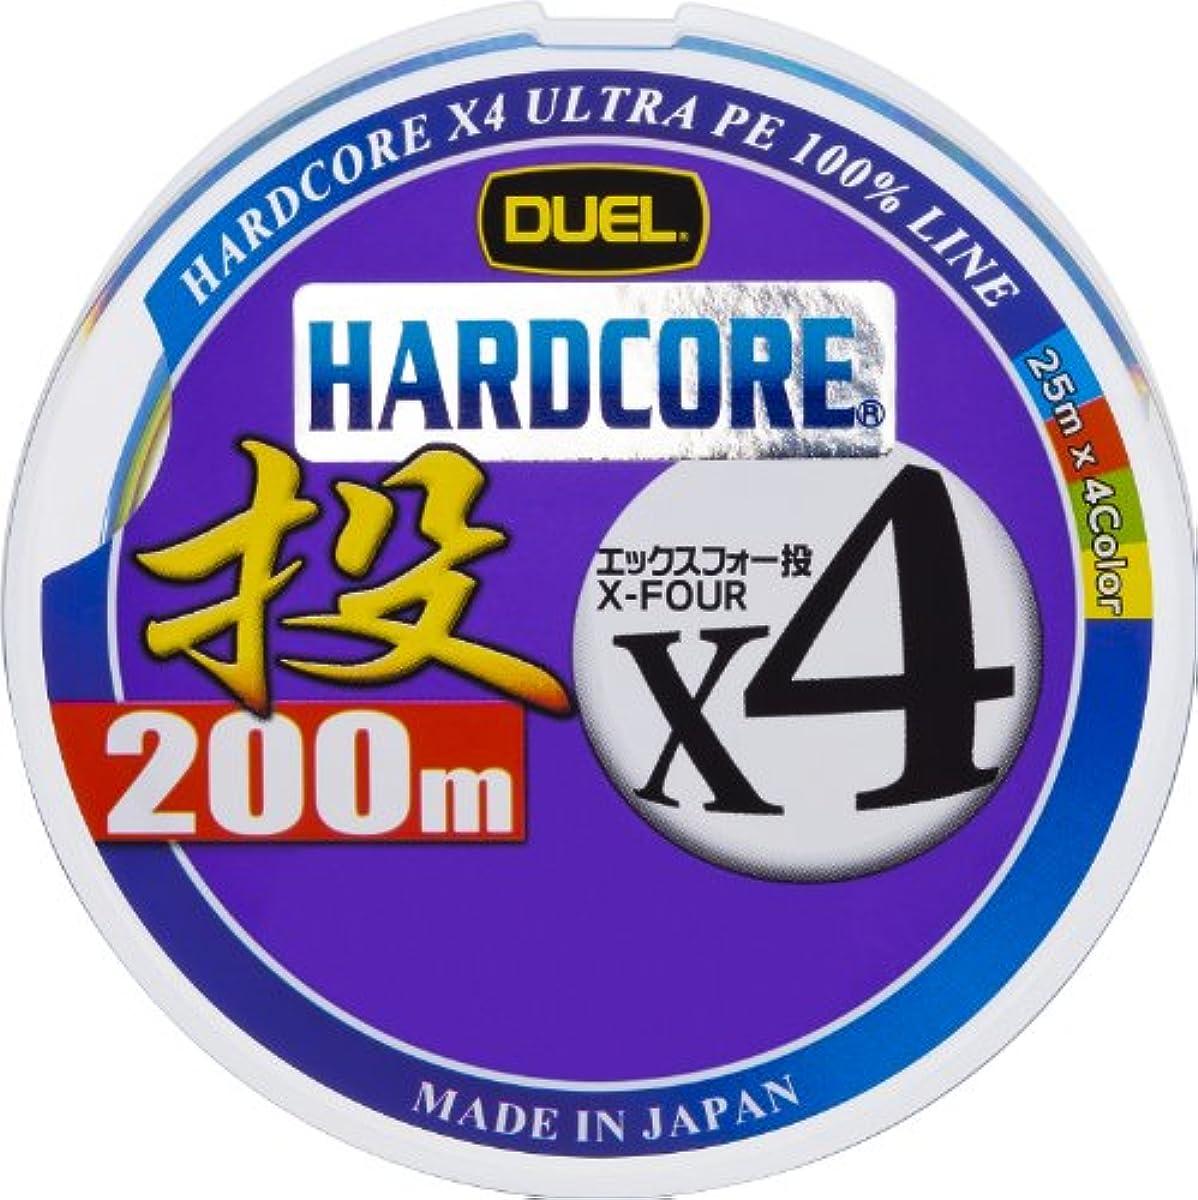 [해외] 듀엘 PE라인 하드 코어 X4 밀어던지기 200M